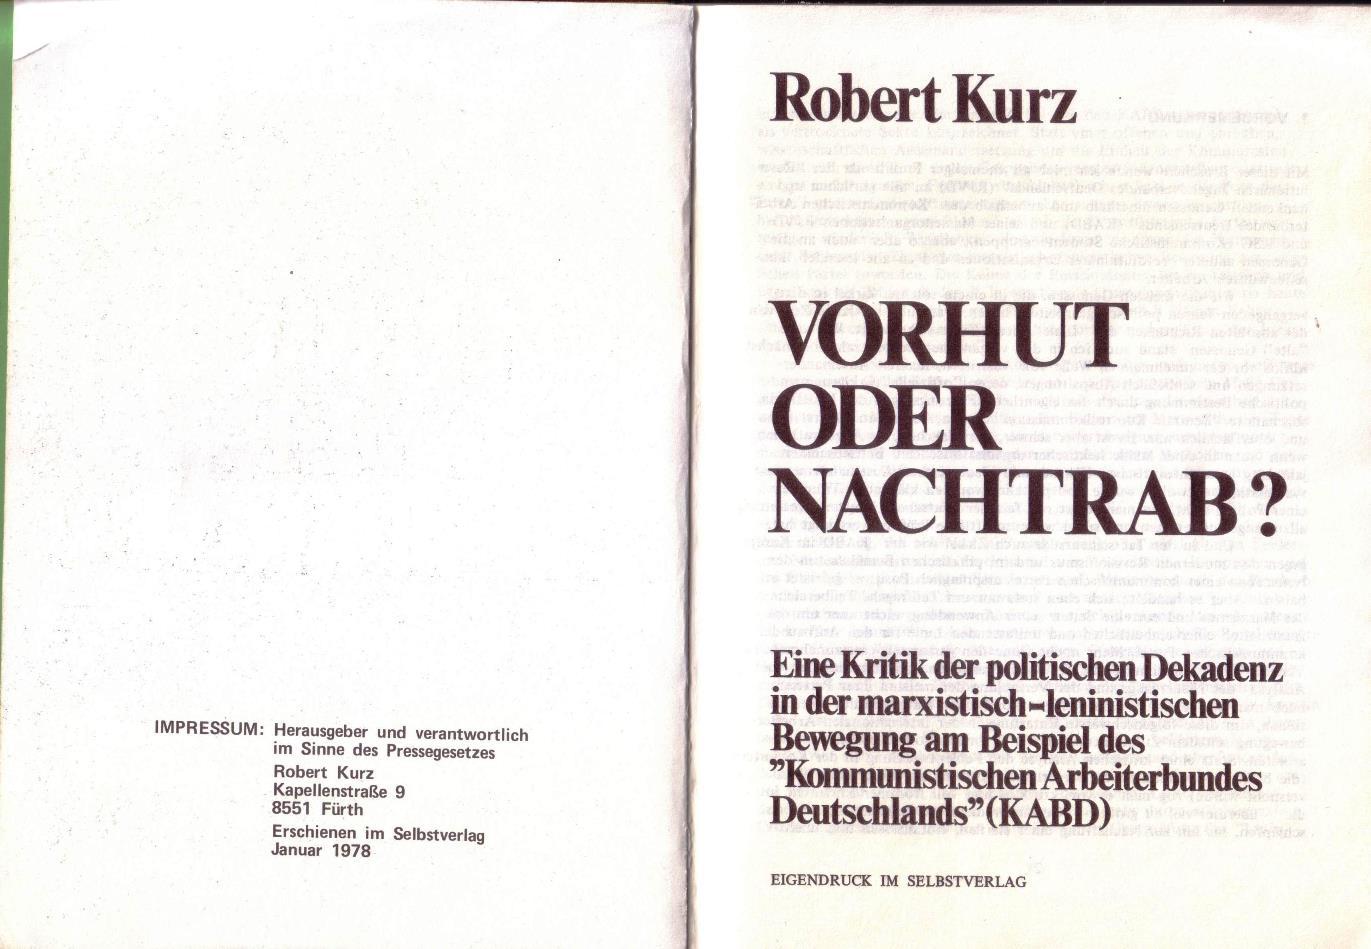 Fuerth_Kurz_1978_Vorhut_oder_Nachtrab_002